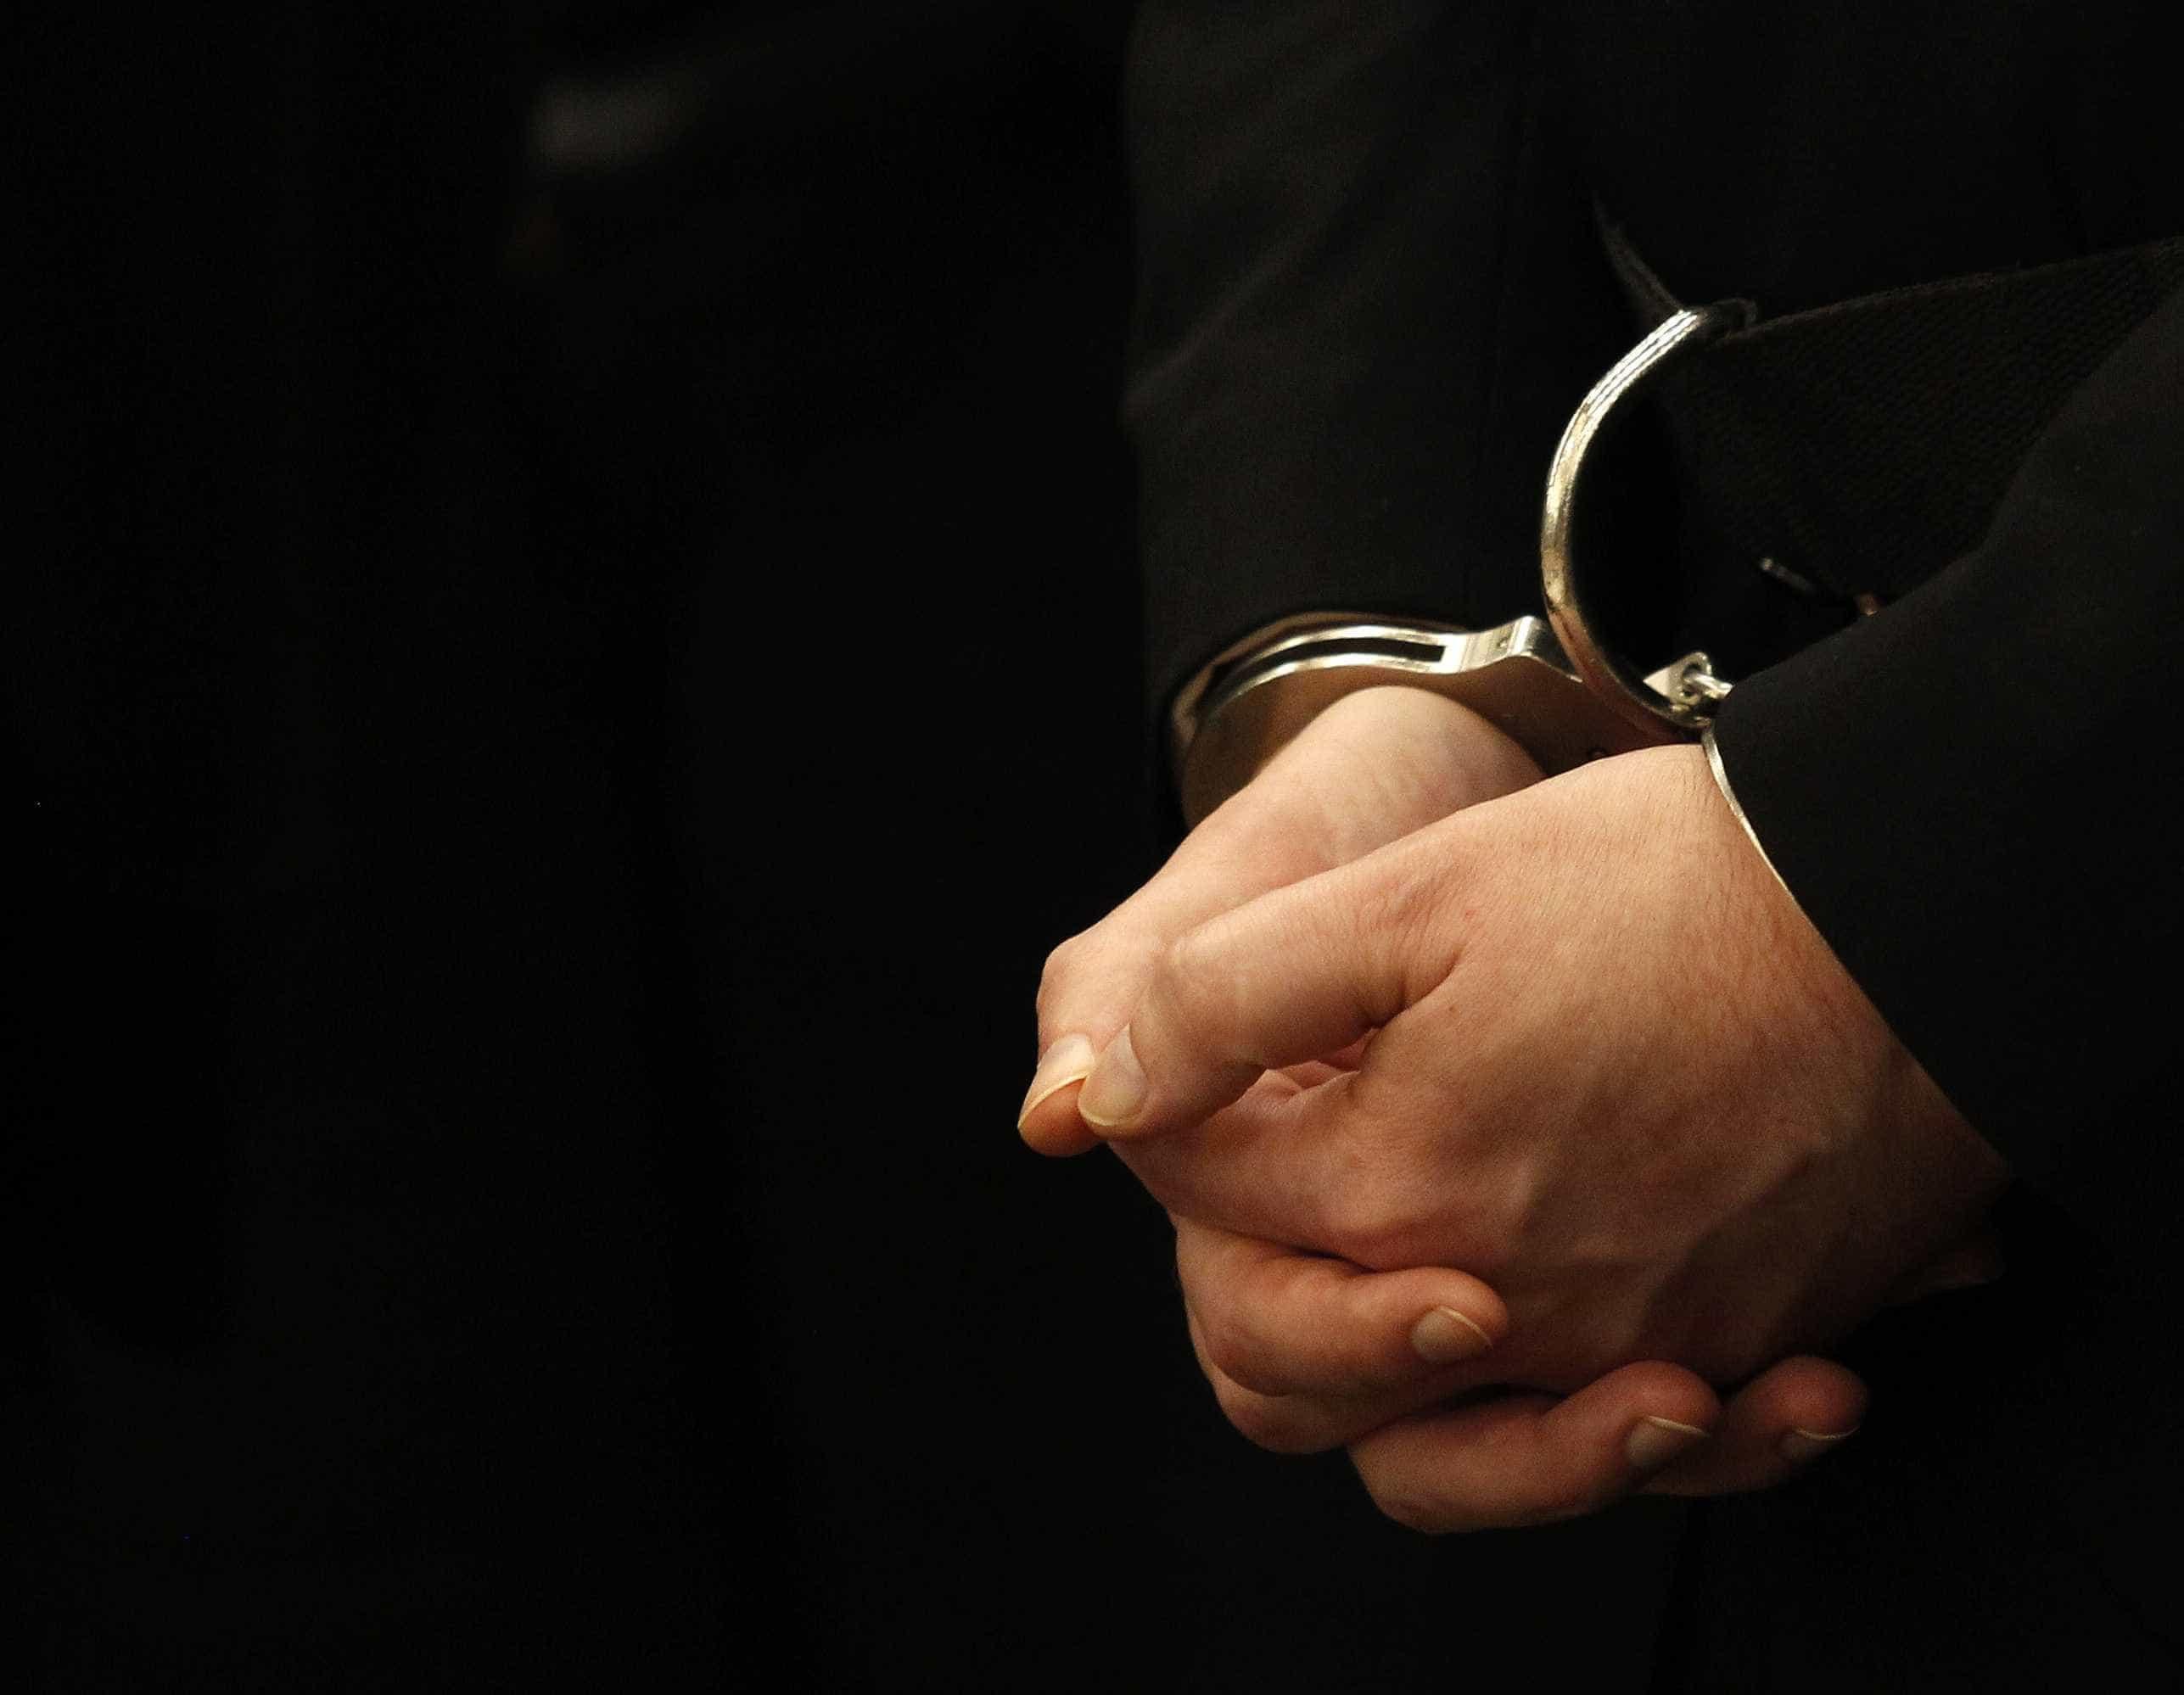 Português suspeito de homicídio no EUA queria obter resgate